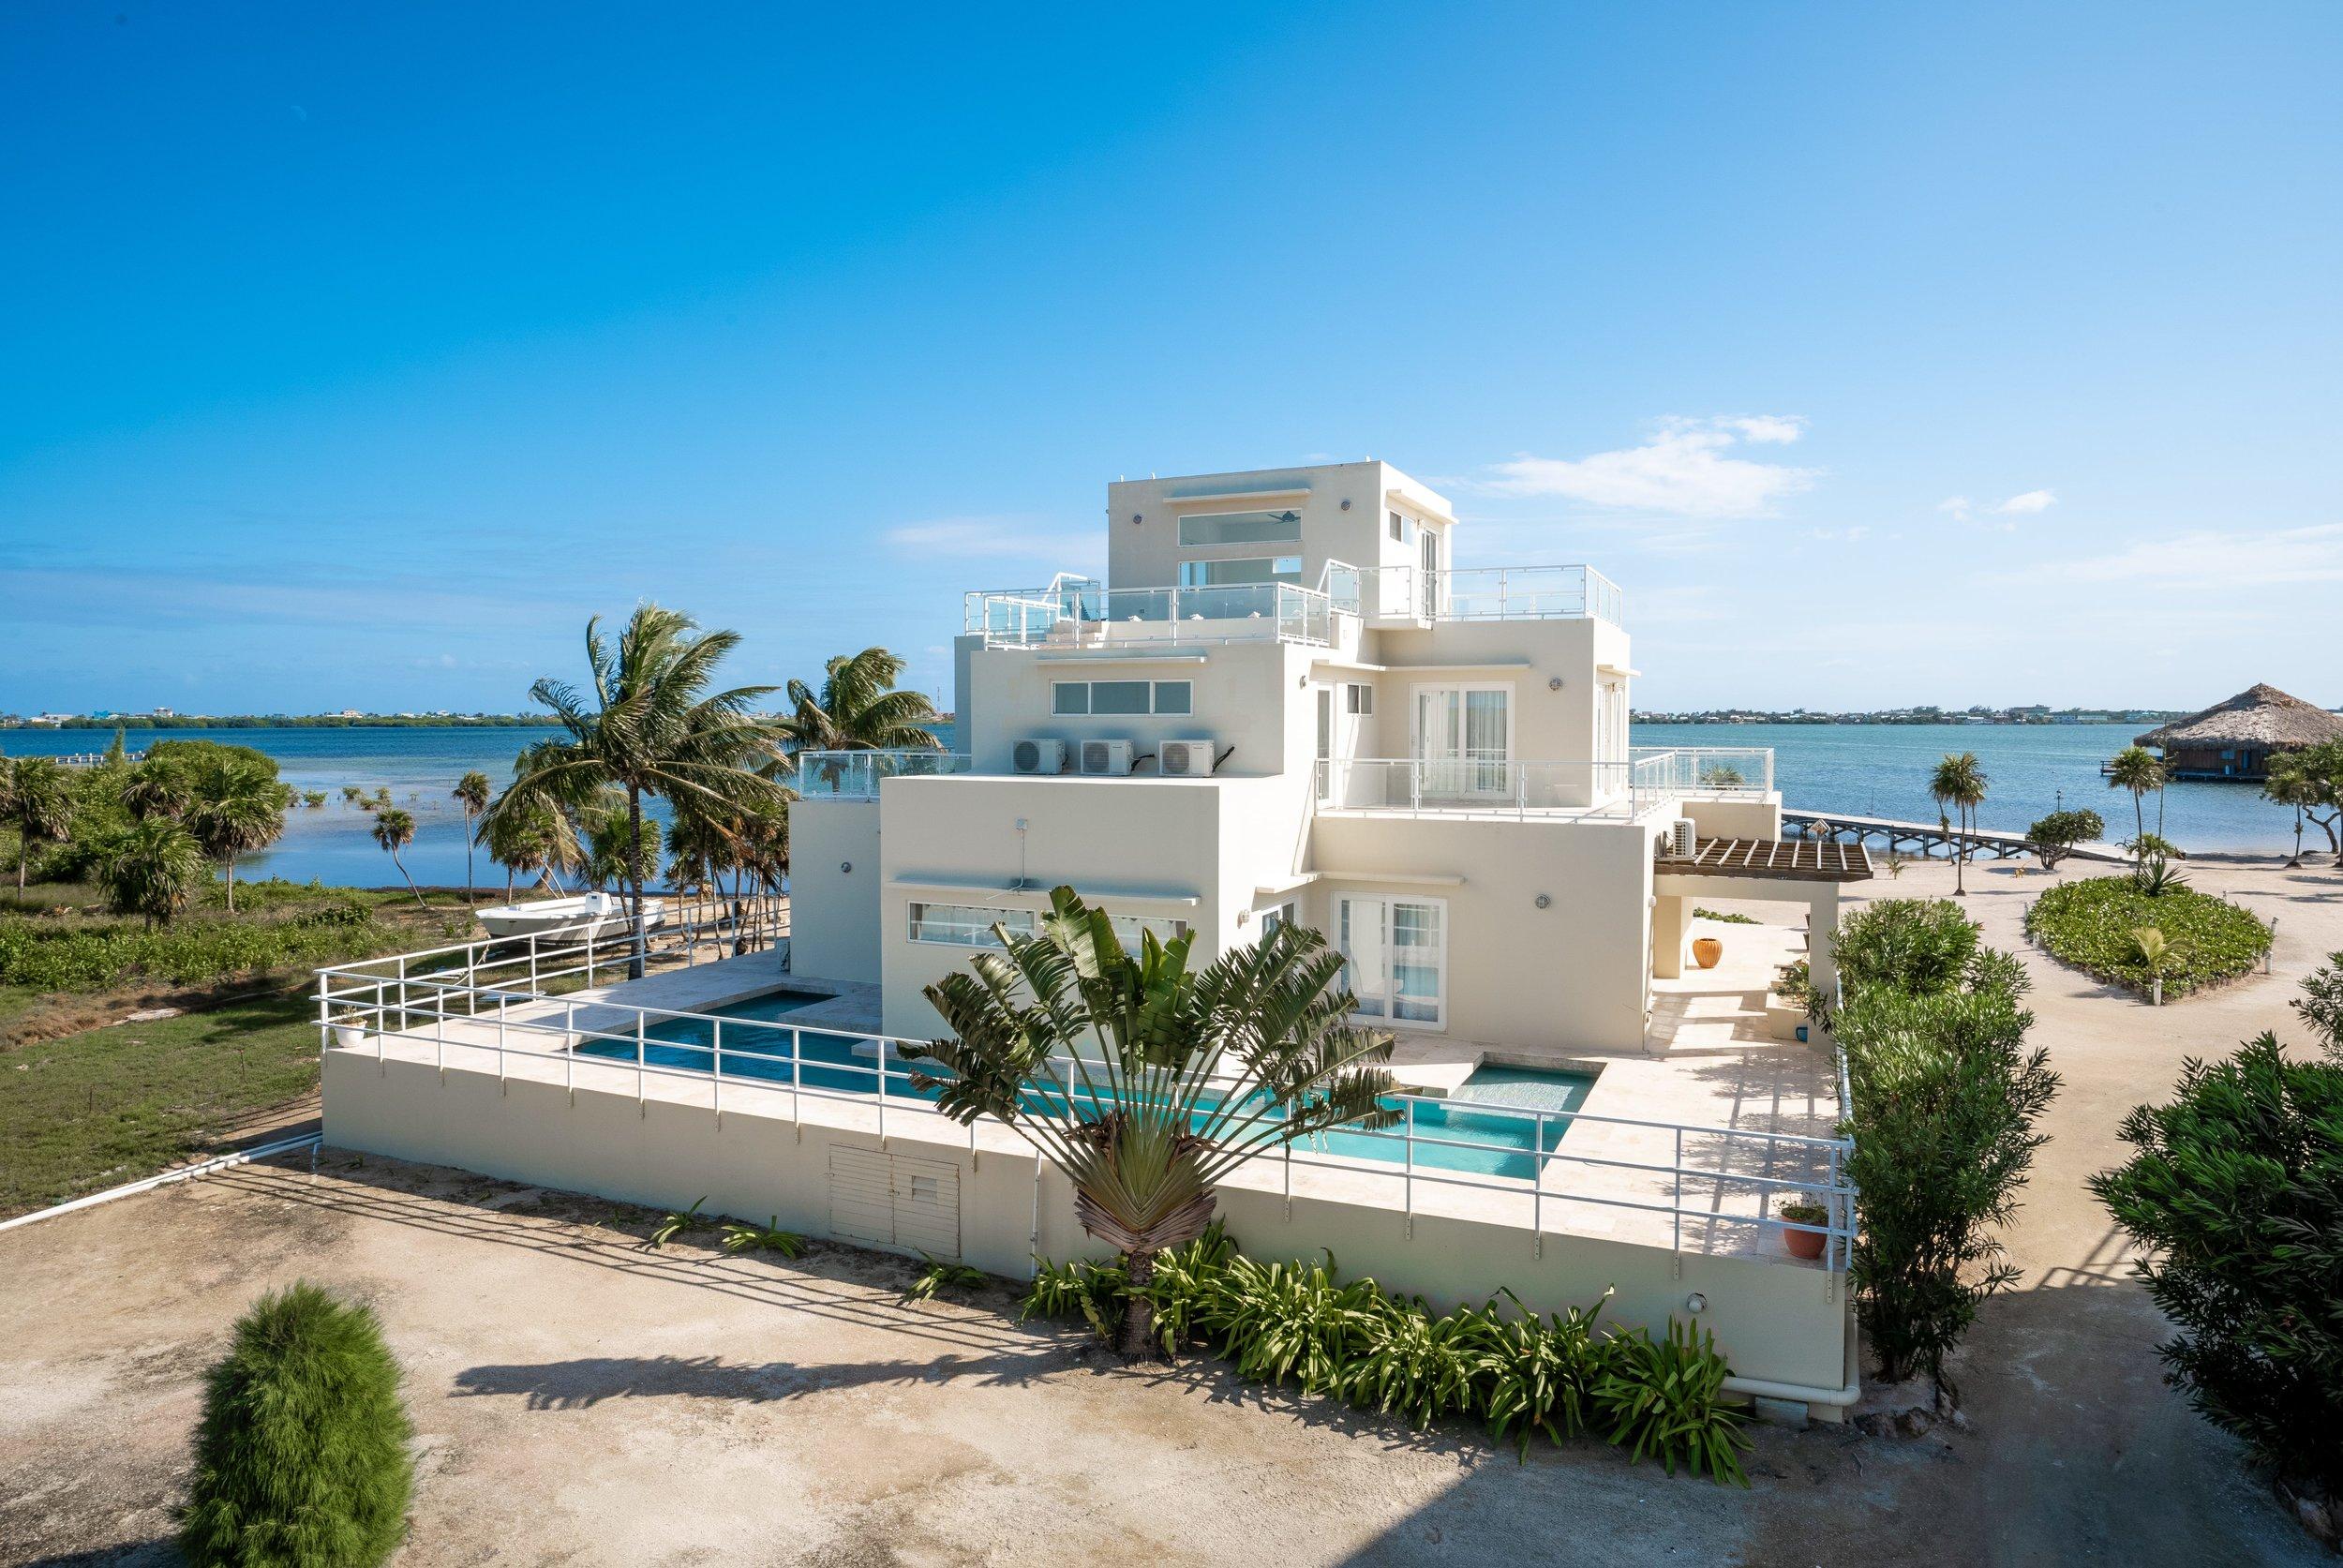 Playa Villa 3 - Rooftop-14-min.jpg